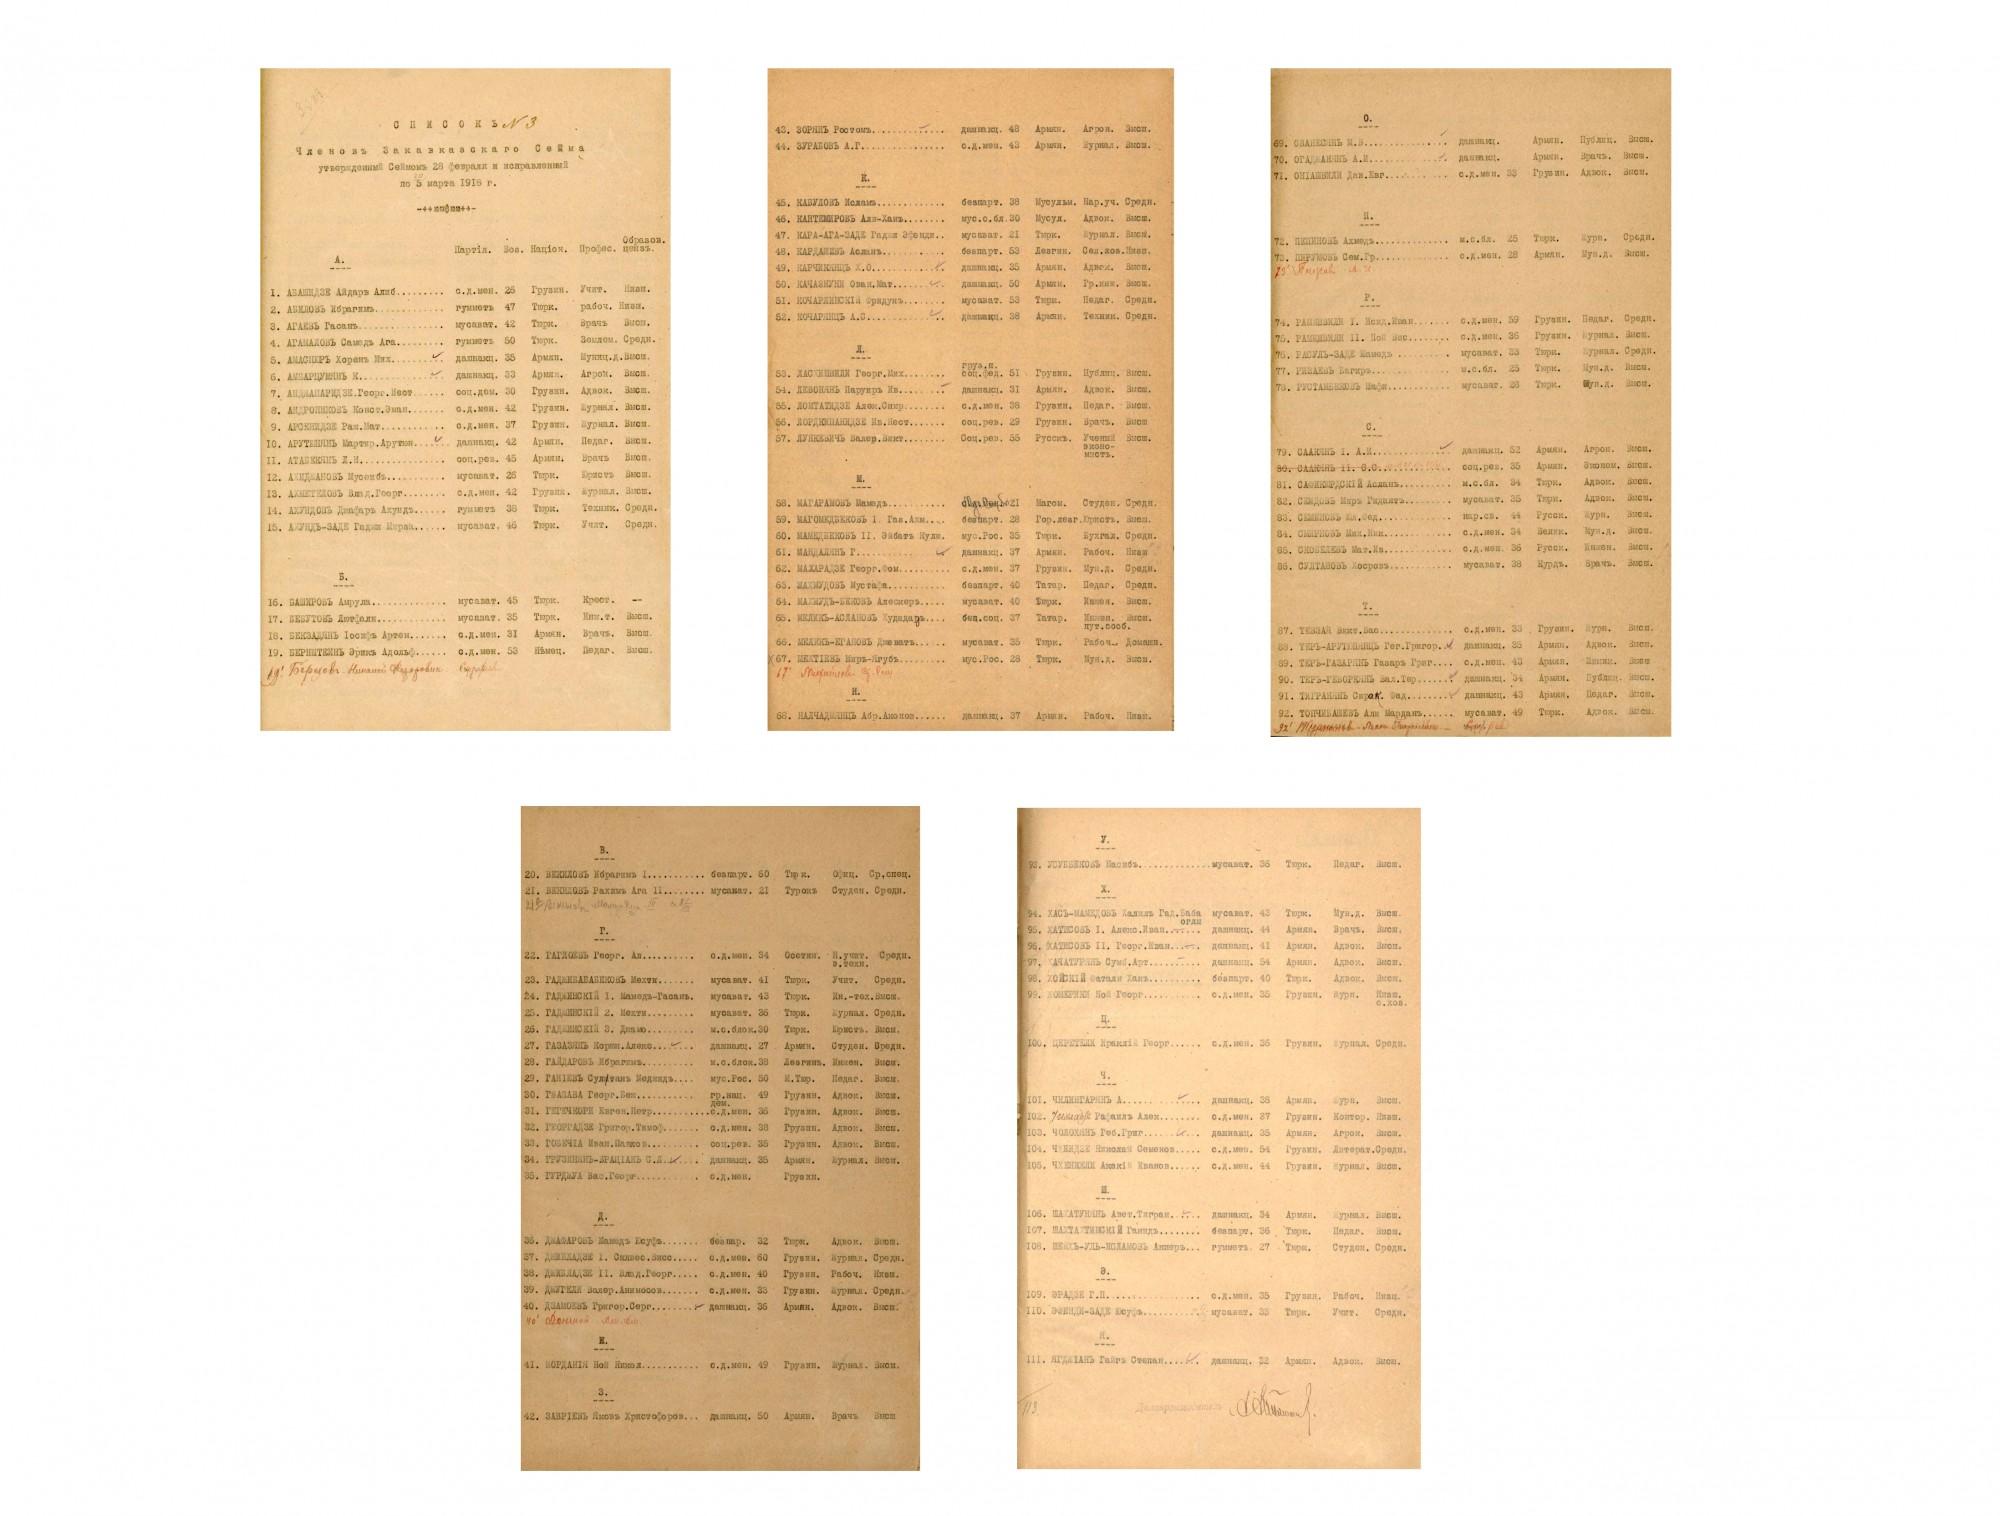 ამიერკავკასიის სეიმის წევრთა სია პარტიის, ასაკის, ეროვნების, პროფესიისა და განათლების მითითებით. <br> 1918 წელი. <br> List of the members of Transcaucasian Sejm, noting the party, age, nationality, profession and education. <br> 1918.